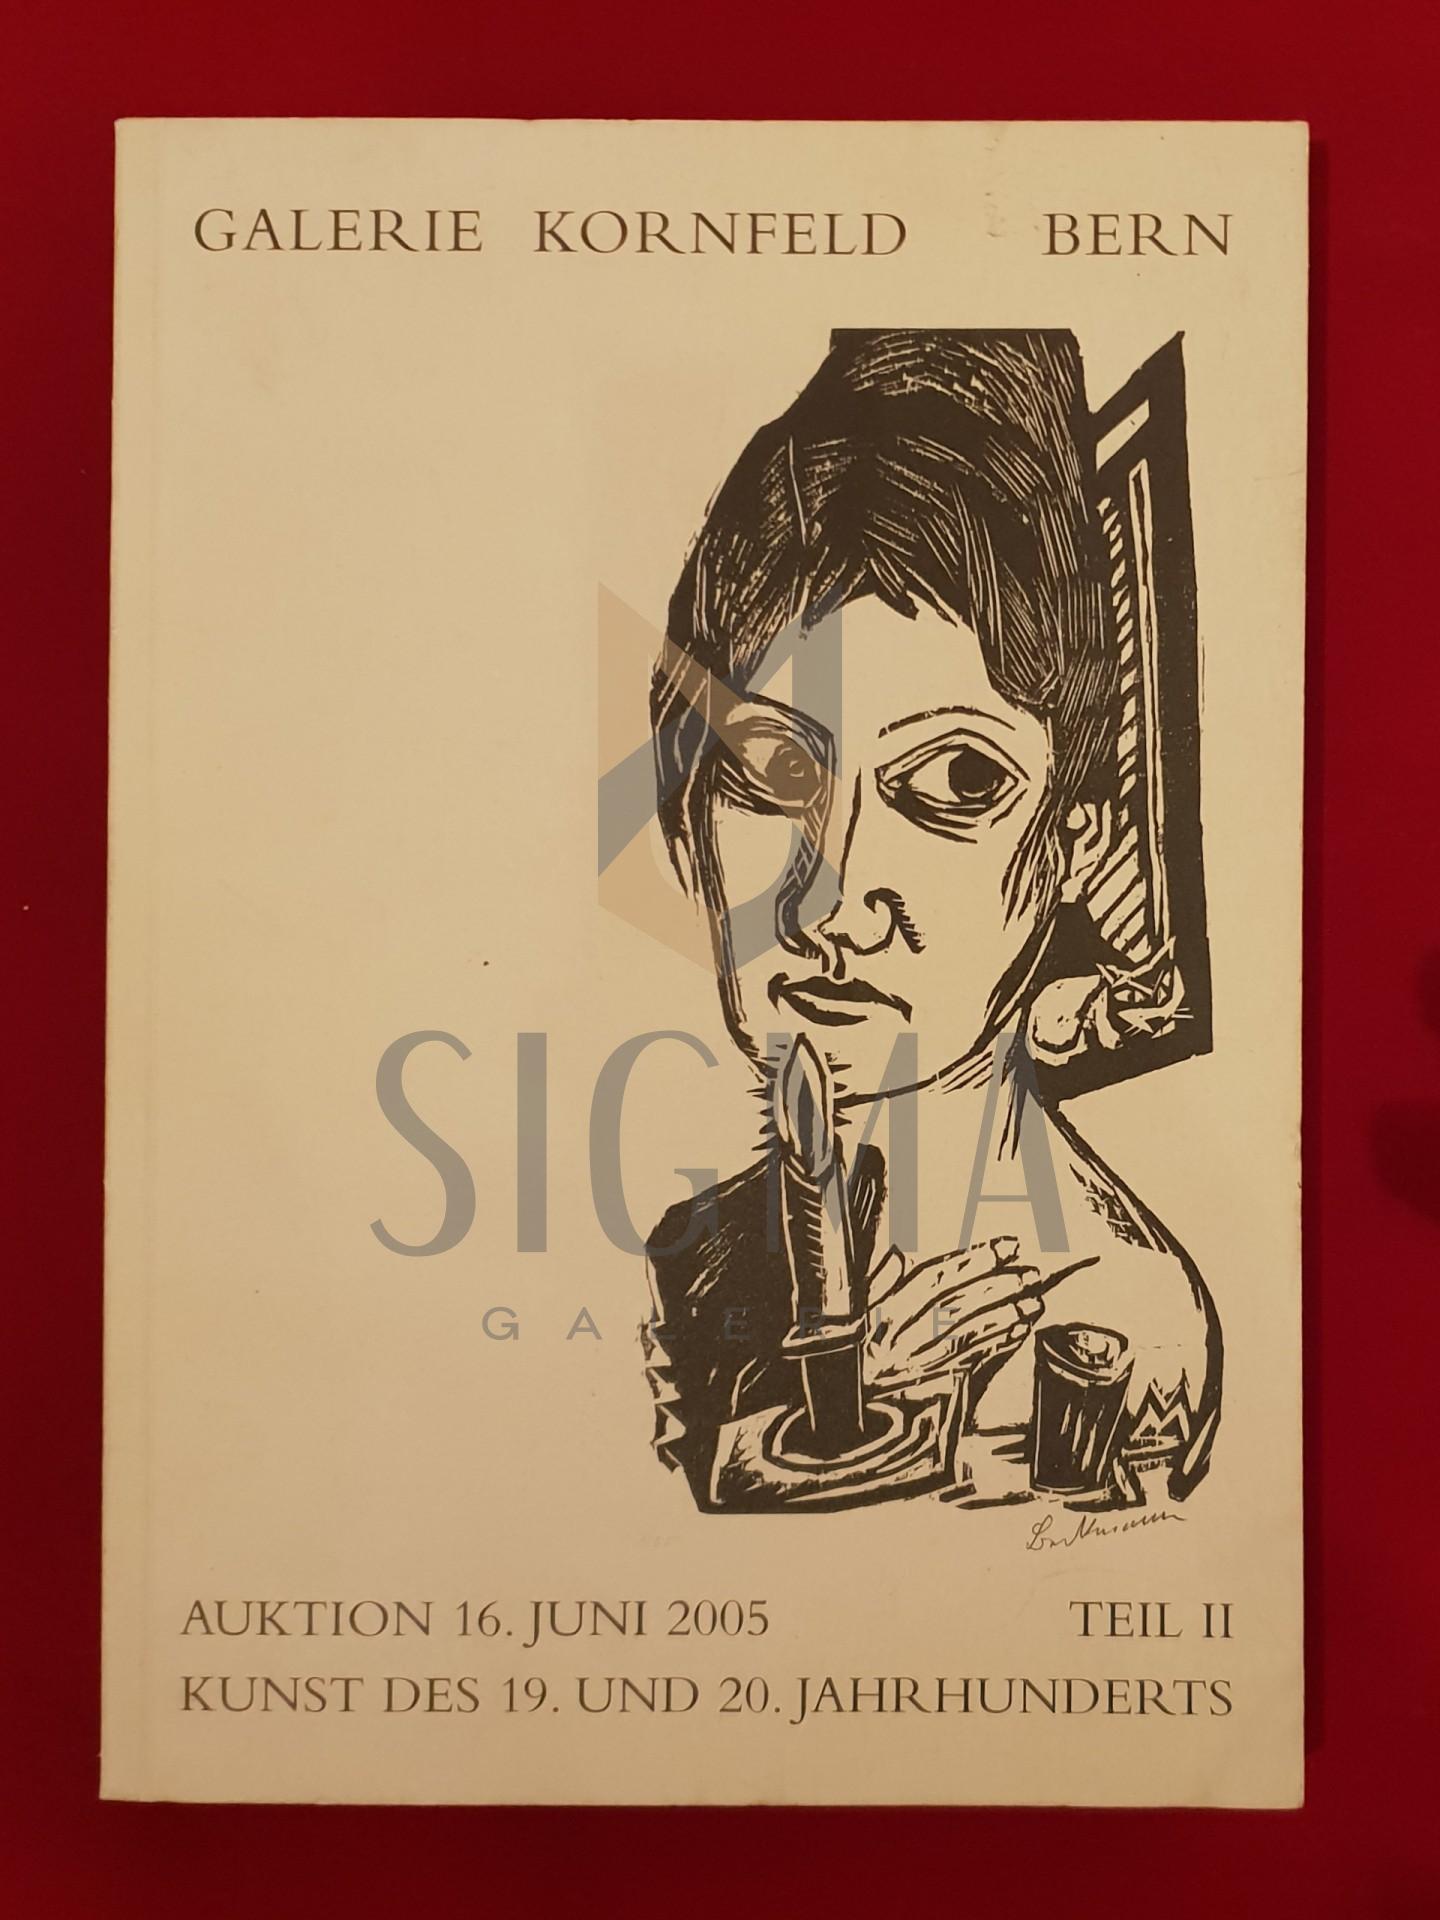 Moderne Kunst - Auktion 235 - II Teil - Galerie Kornfeld - Bern 2005